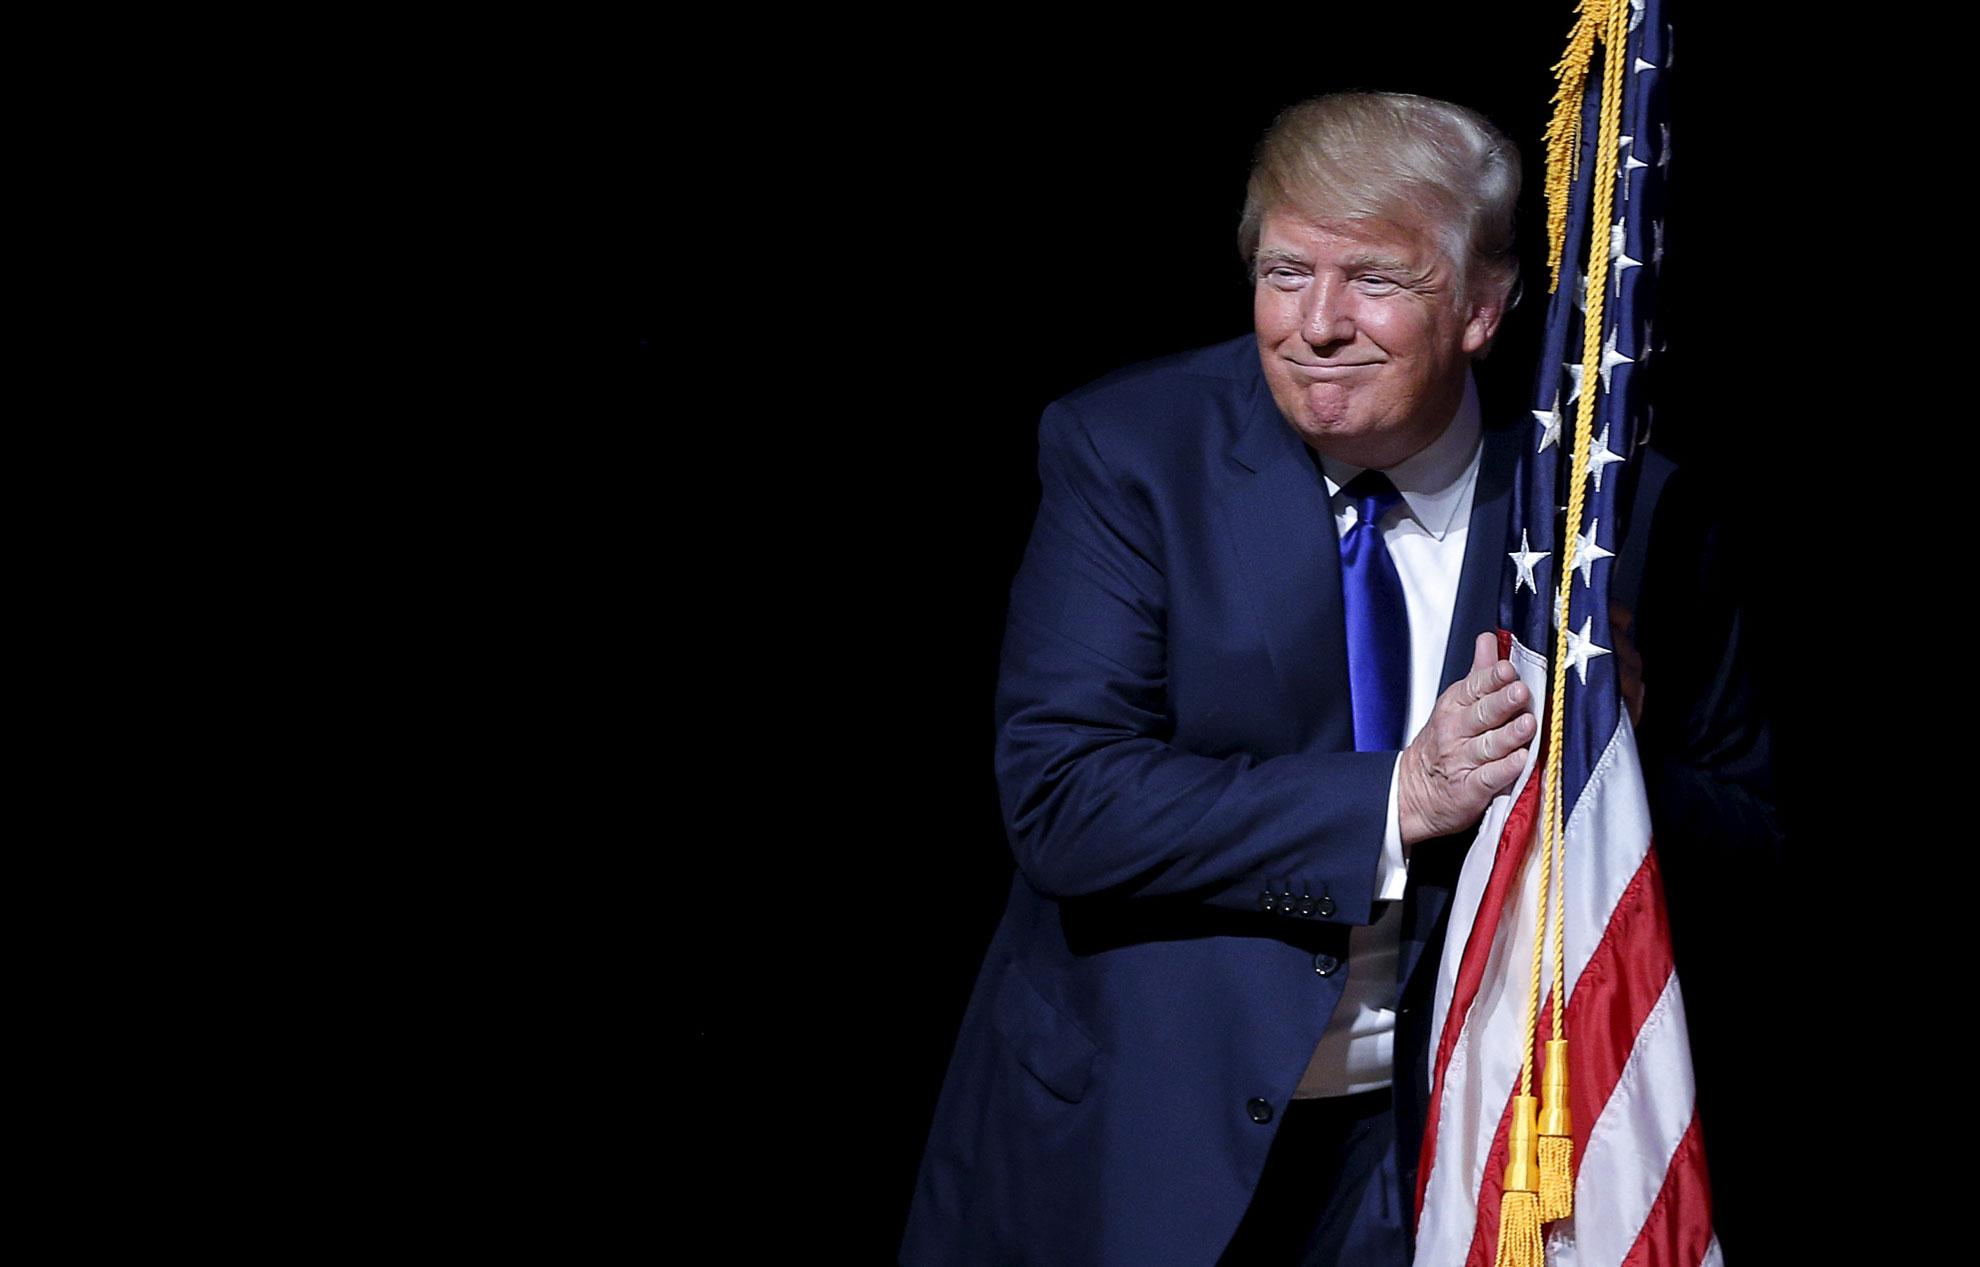 Donald Trump a dejoue les pronostics «مسیر برجام» بهترین گزینه ترامپ برای اعمال فشار احتمالی بر ایران/ پیروزی ترامپ را باید نقطه پایان پروژه جهانی سازی قلمداد کرد/ برجام 2 و3 یعنی عدم نقش آفرینی در نظم جدید و فرو رفتن در نظم رو به زوال آمریکایی